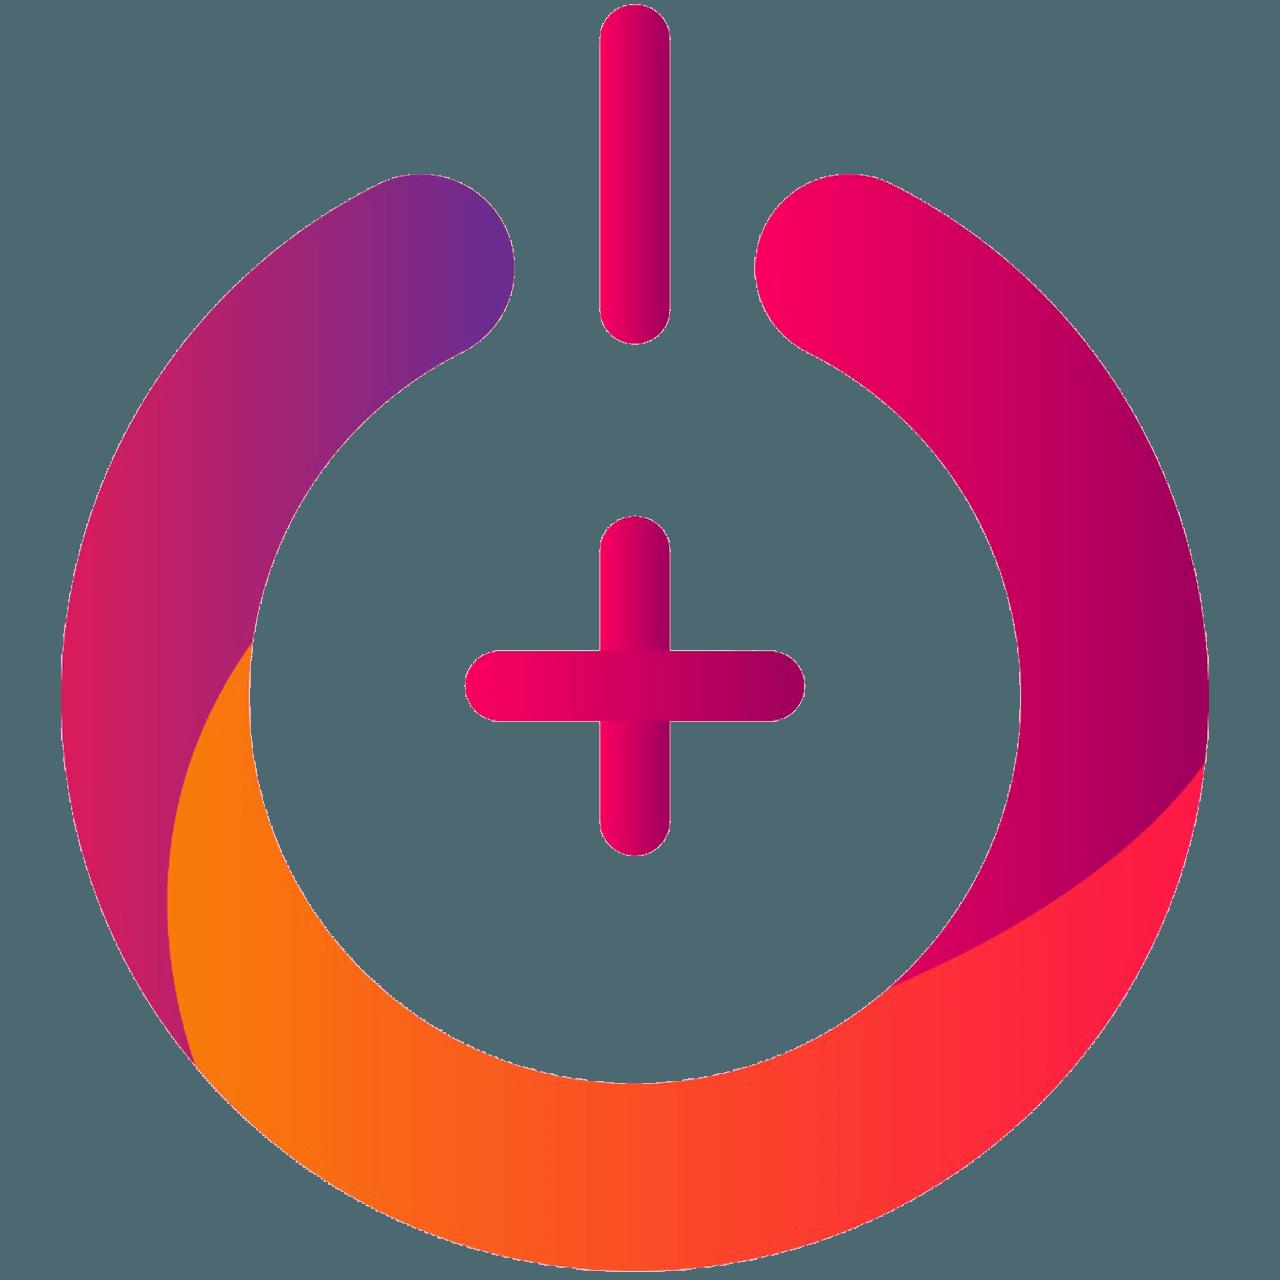 متجر تاز للقطع الإلكترونية